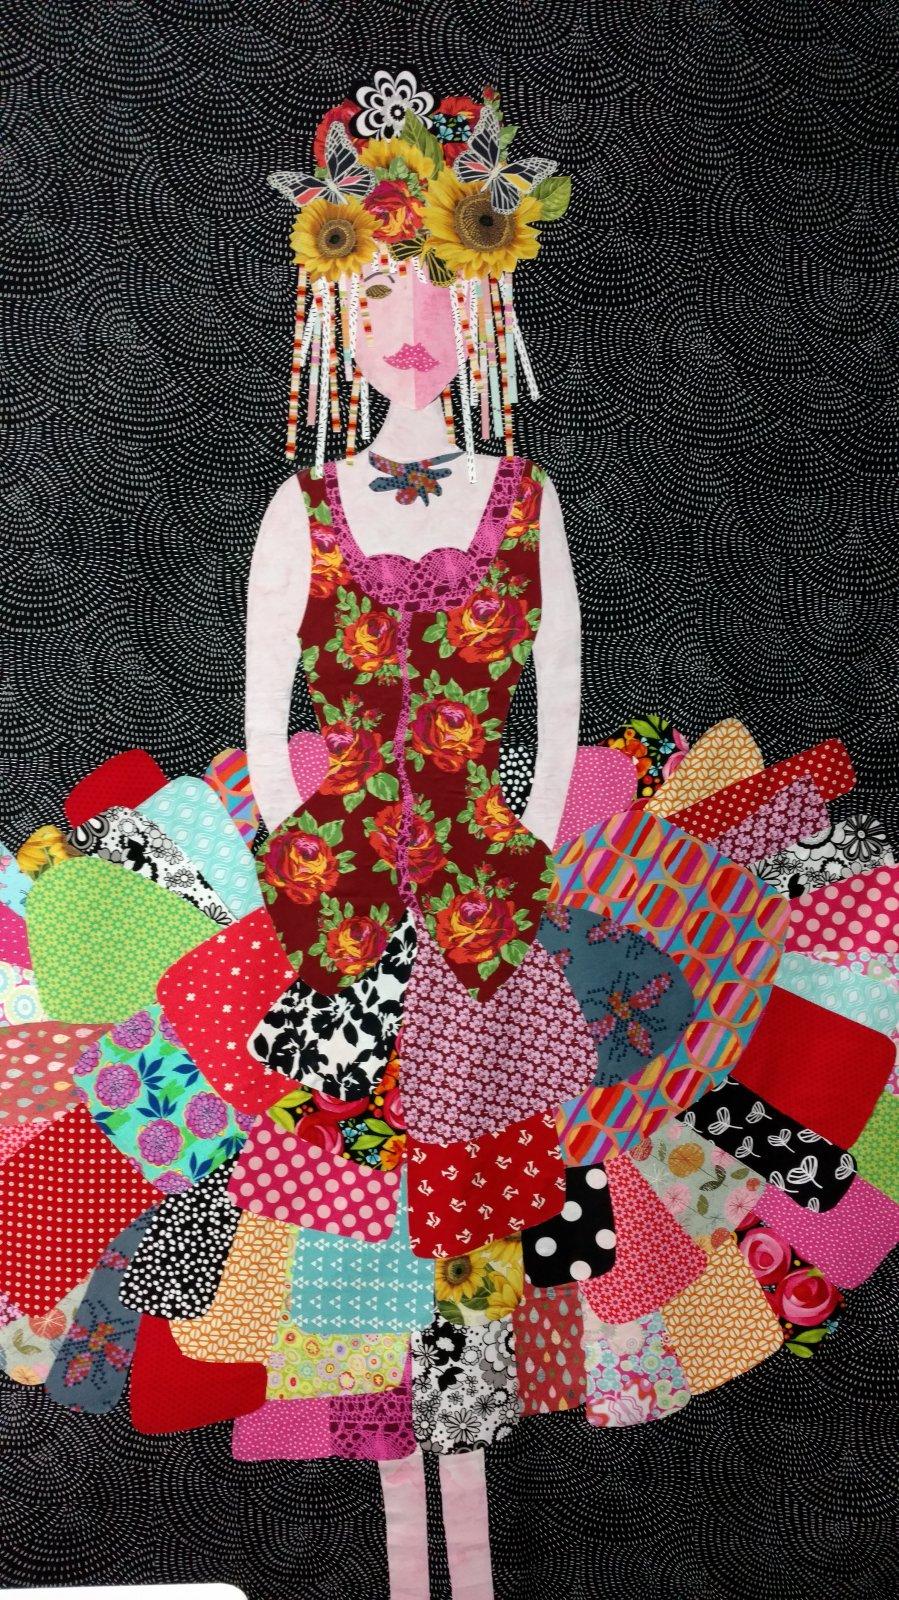 Laura Heine Collage Reno With Judi Hein Old